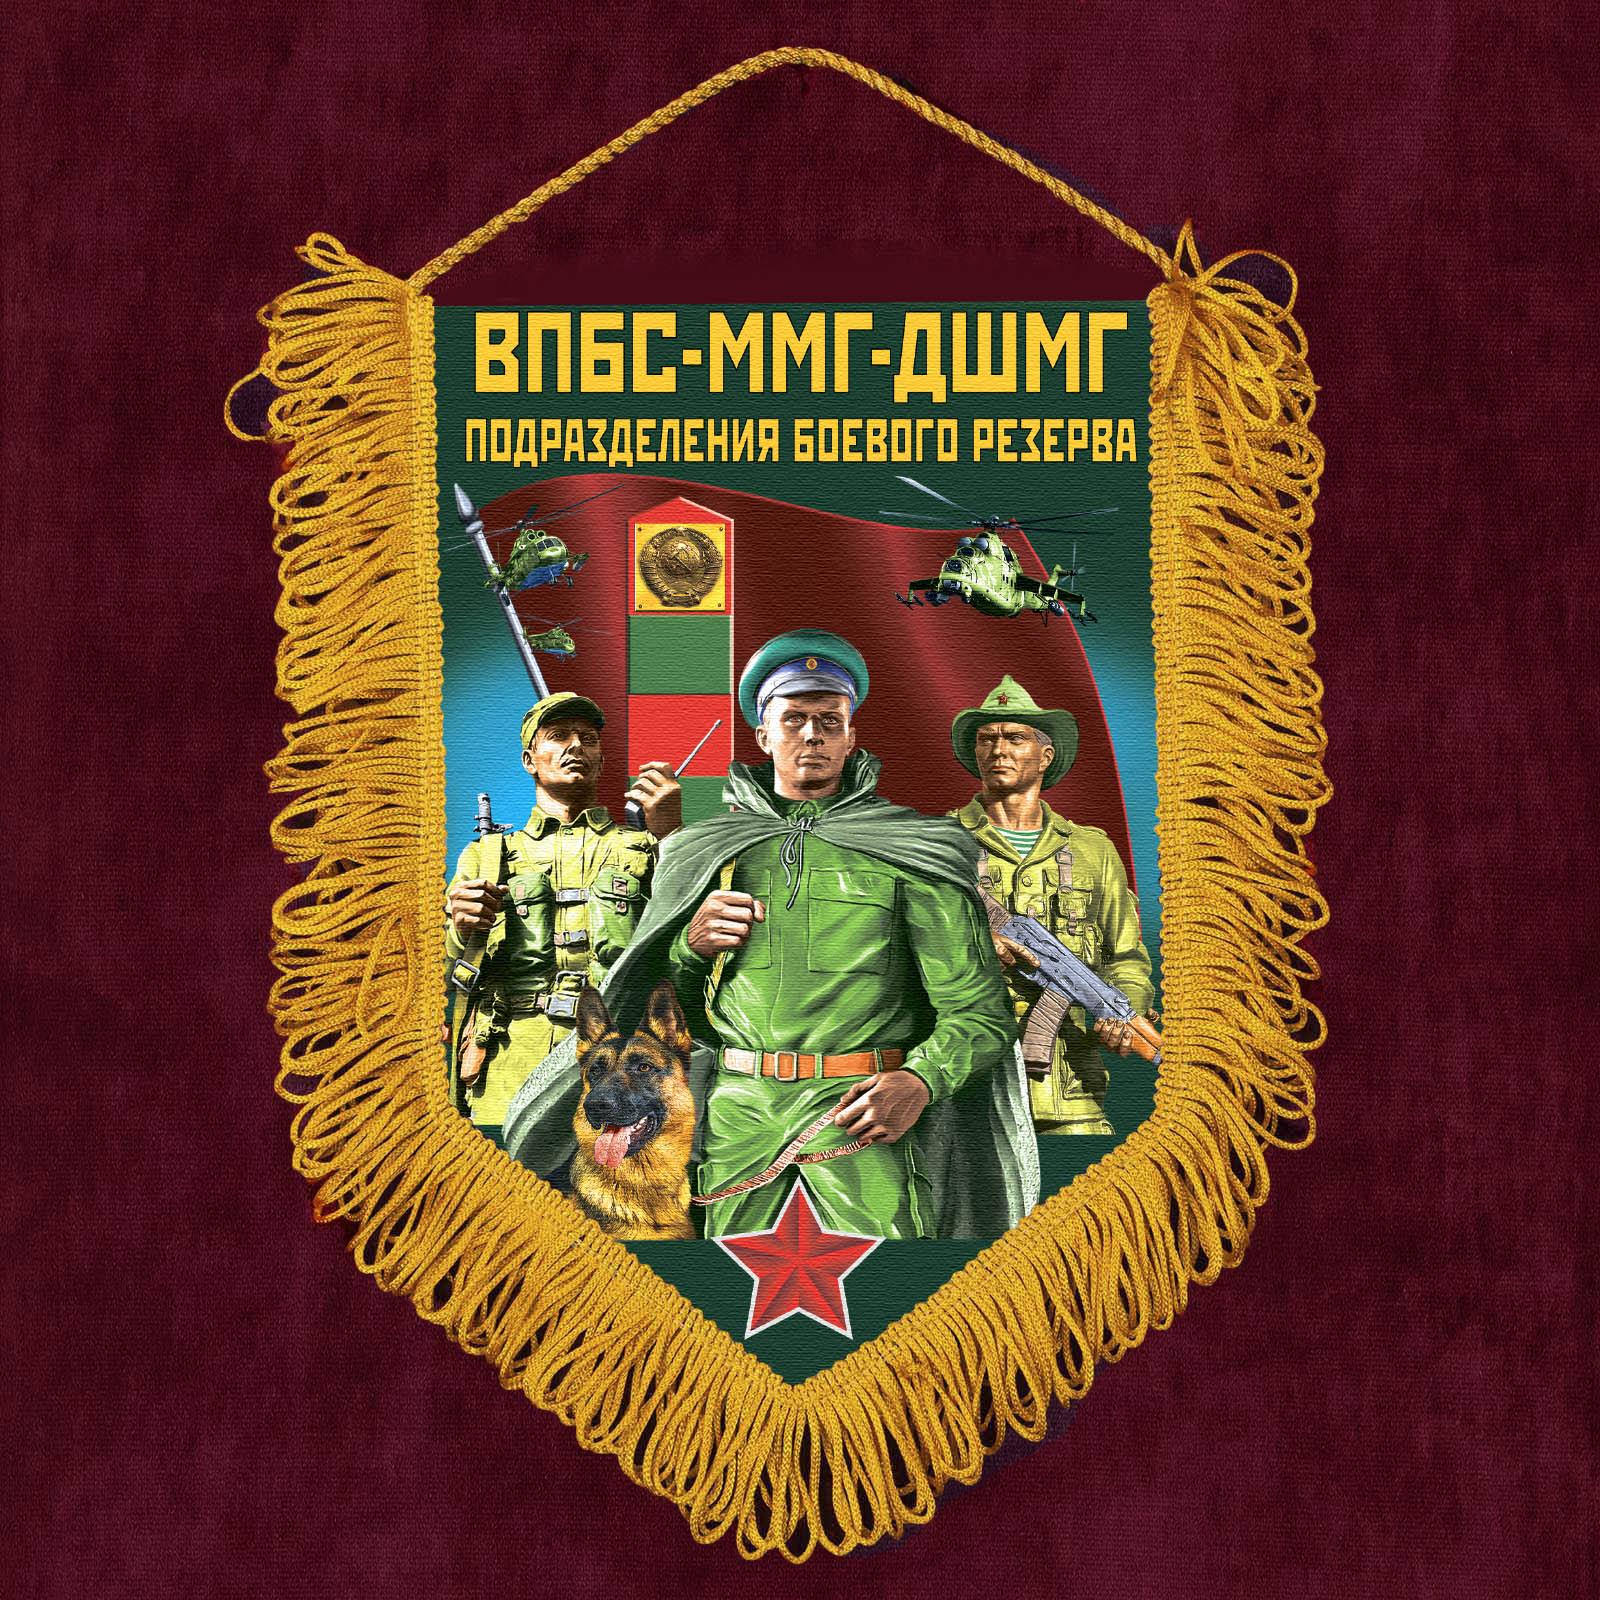 """Памятный вымпел """"ВПБС-ММГ-ДШМГ – подразделения боевого резерва"""""""